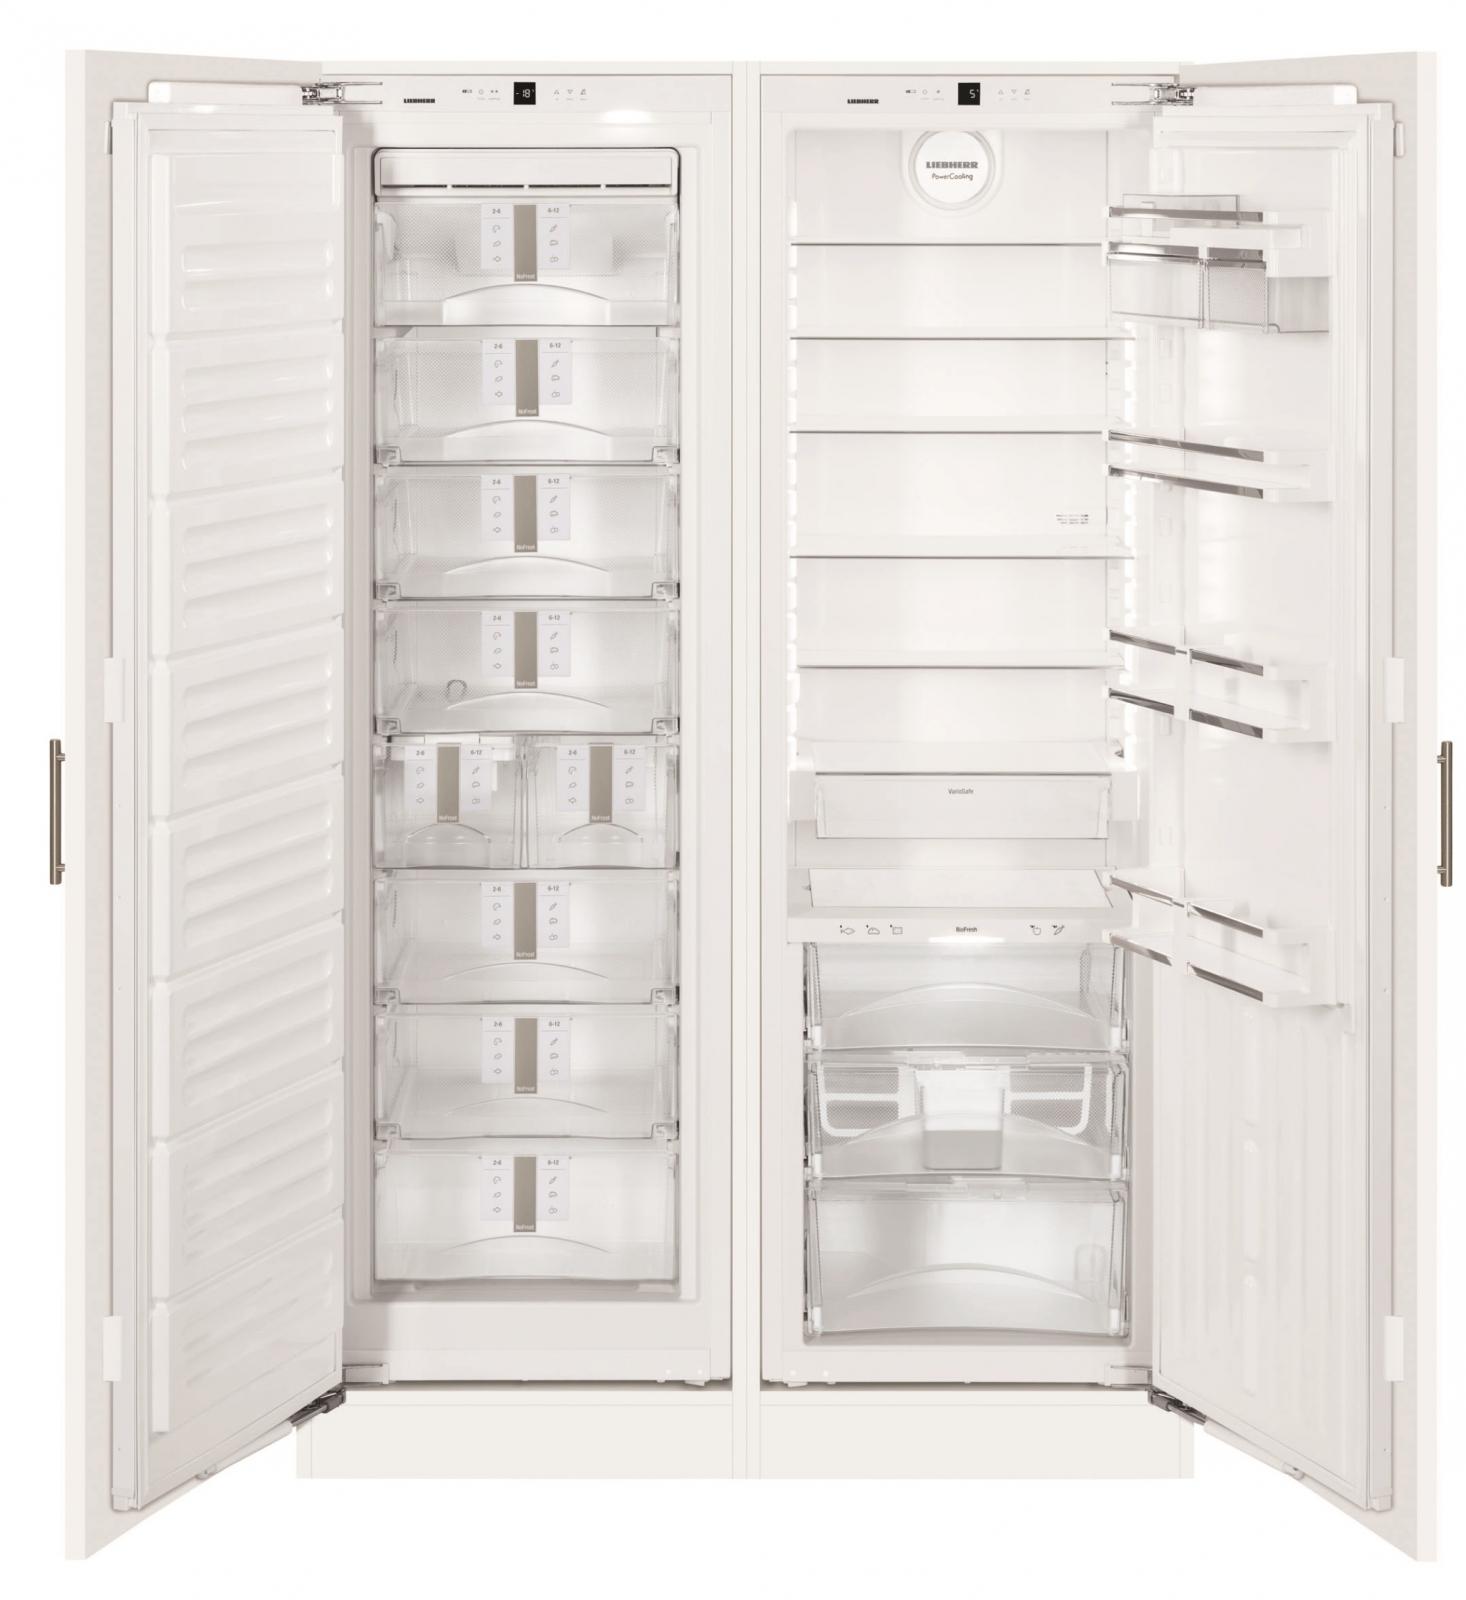 купить Встраиваемый холодильник Side-by-Side Liebherr SBS 70I4 22 001 Украина фото 2